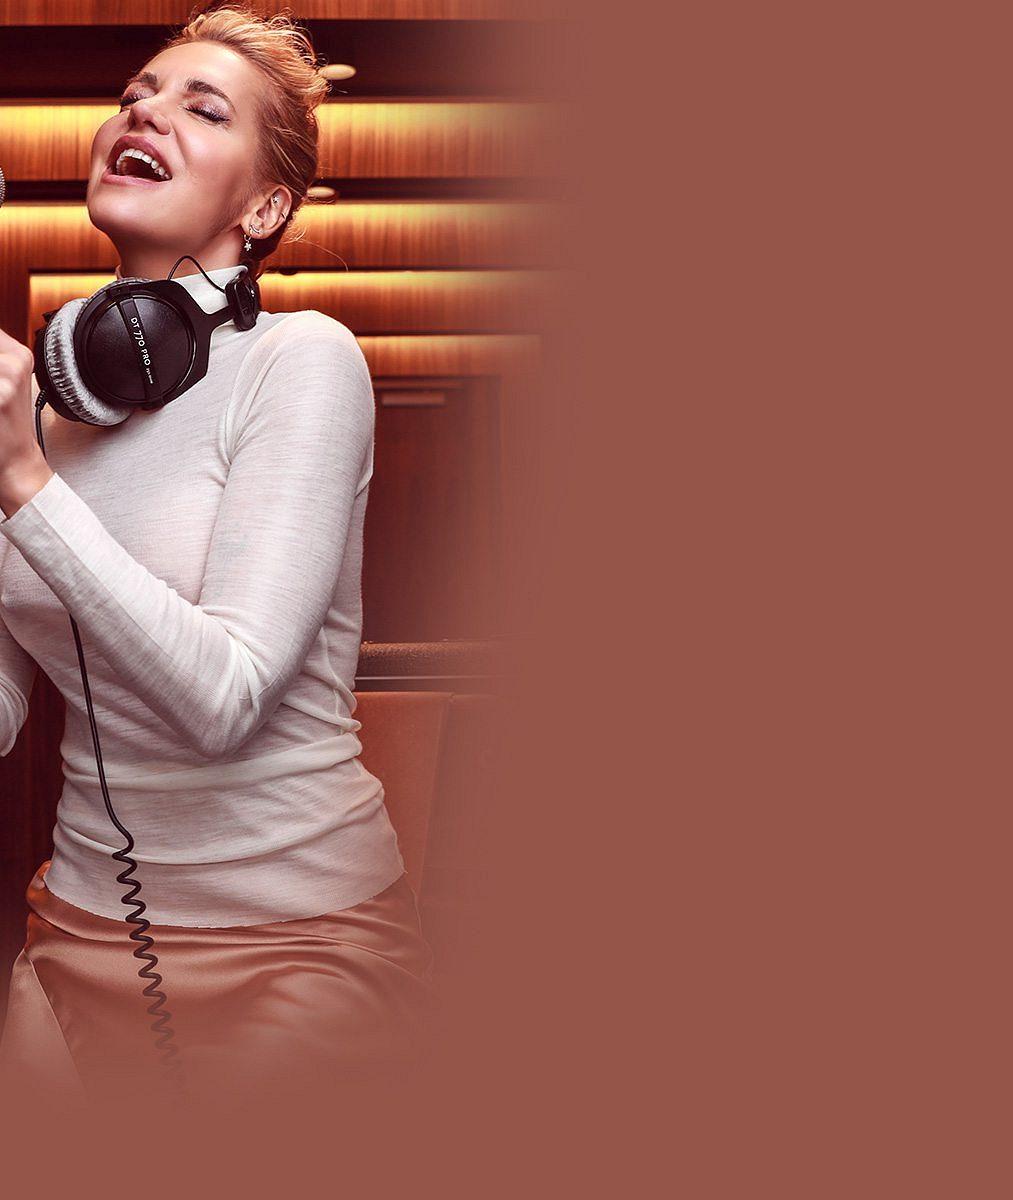 Online koncert uspořádala Dara Rolins po roční pauze abylo těžké se rozezpívat: Ihlasivky jsou jen sval